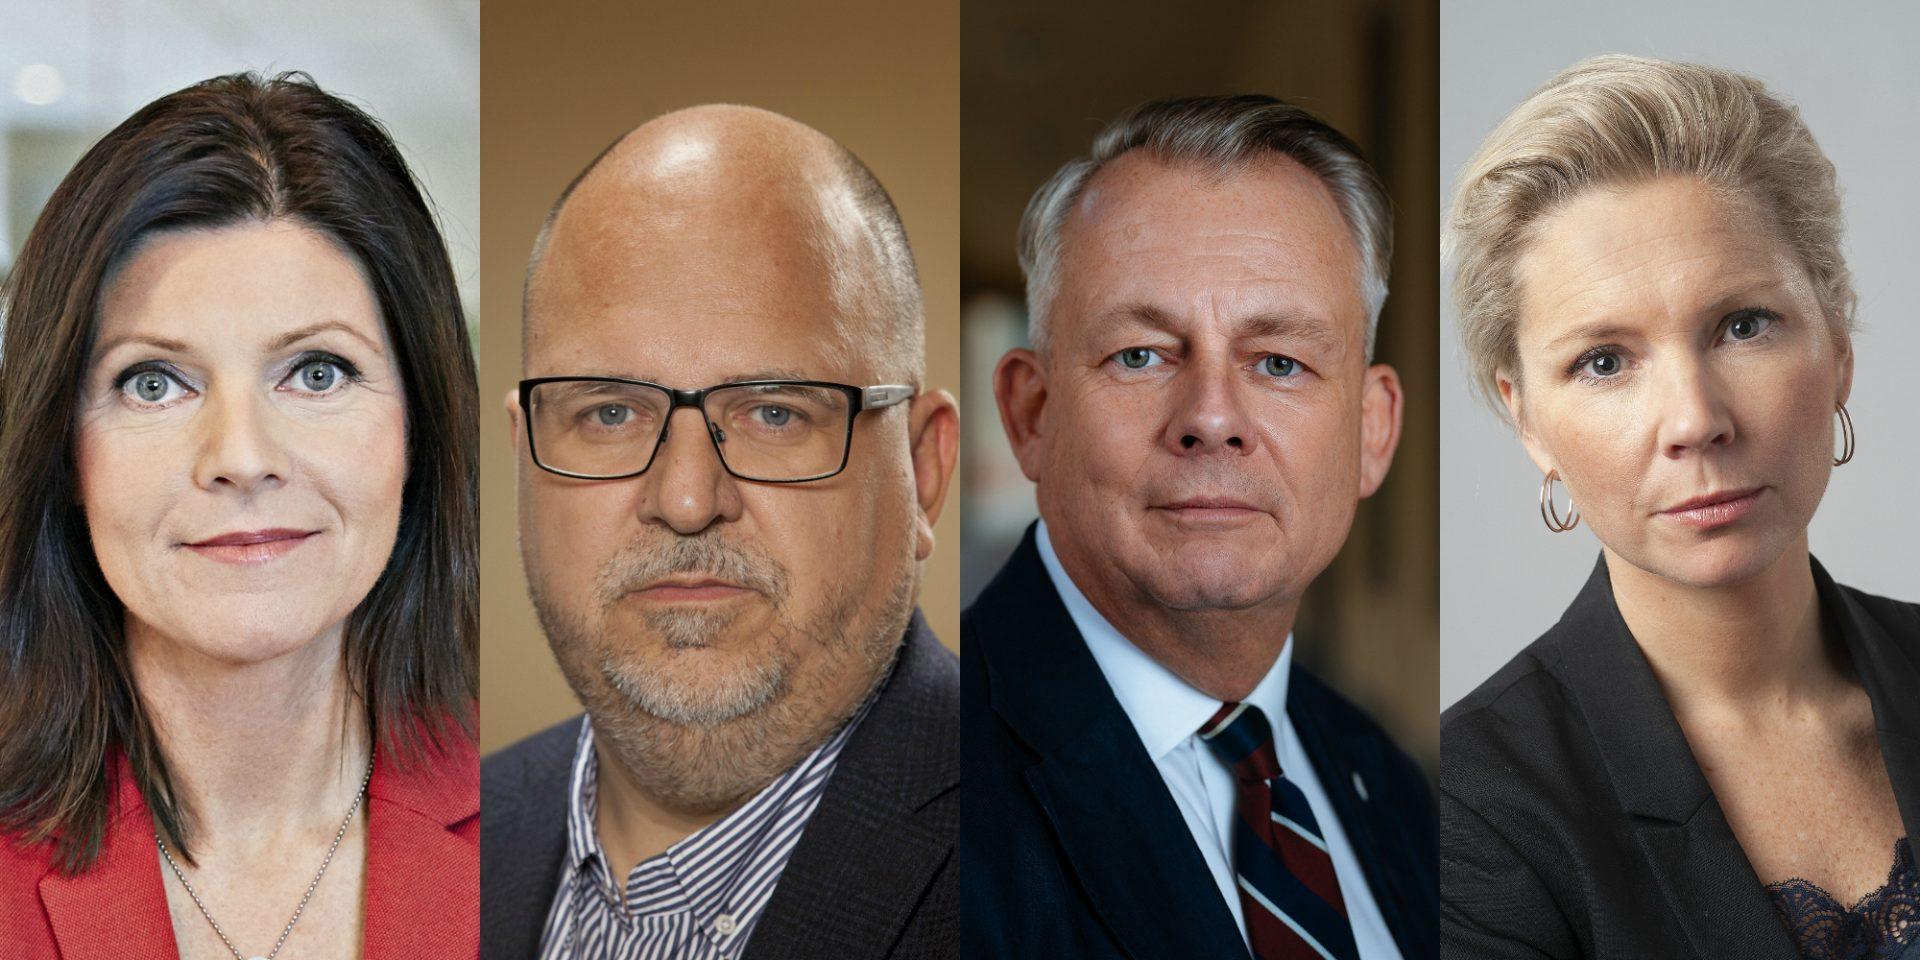 Situationen i världen är nu så pass allvarlig att Sverige som biståndsaktör måste tydligt markera vikten av en stark, global fackföreningsrörelse, skriver Eva Nordmark, Karl-Petter Thorwaldsson, Göran Arrius och Sofia Östmark.